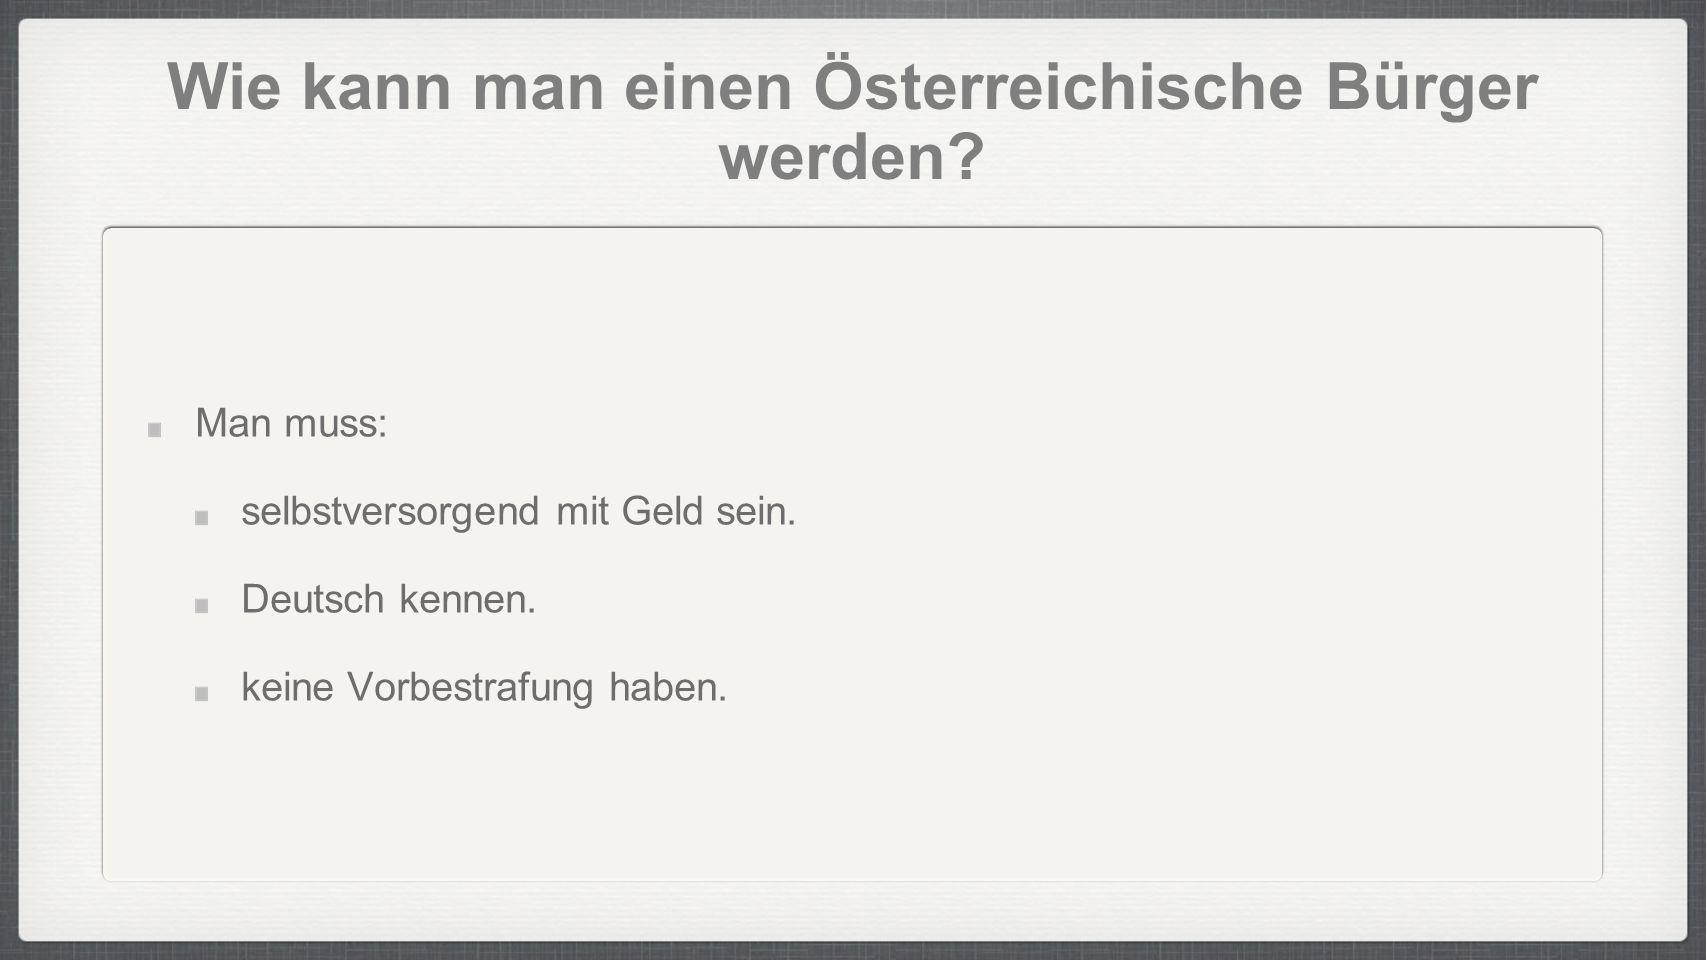 Wie kann man einen Österreichische Bürger werden? Man muss: selbstversorgend mit Geld sein. Deutsch kennen. keine Vorbestrafung haben.